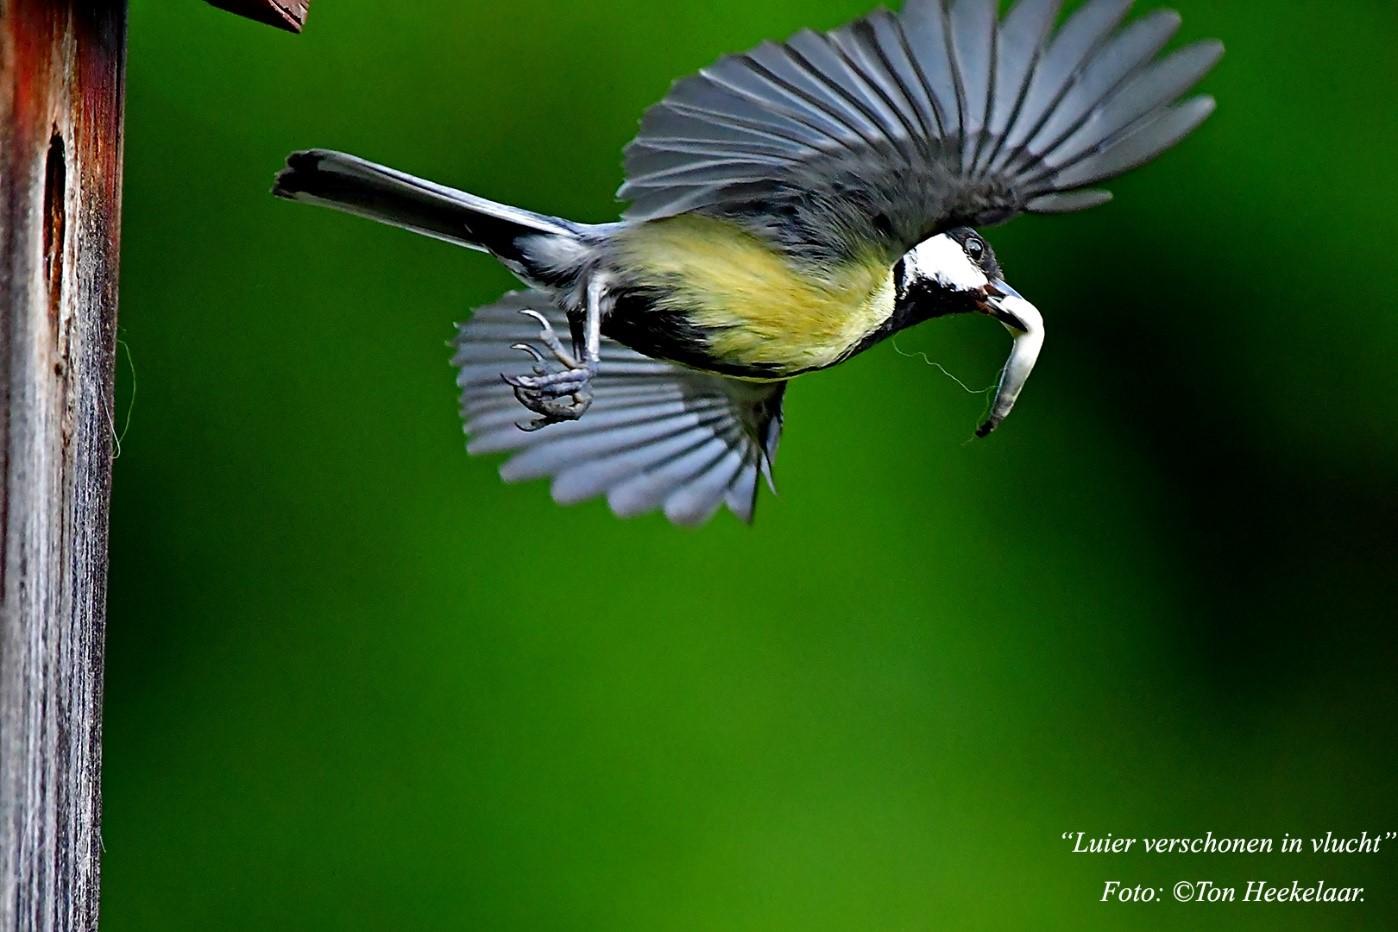 """Hygiëne in en rond het nestkastje is de basis, dus eerst een eindje vliegen alvorens de """"luier"""" op afstand te deponeren - Foto: ©Ton Heekelaar"""